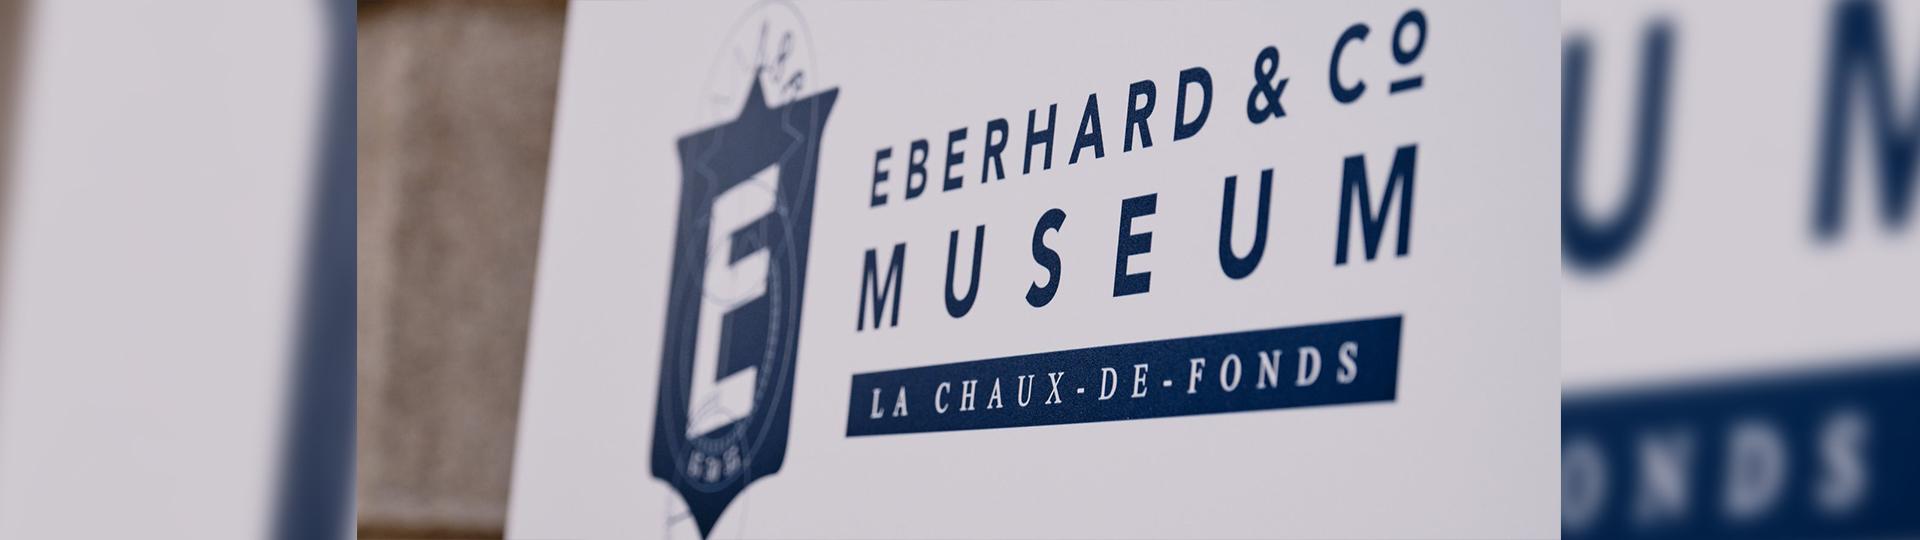 EBERHARD & CO. MUSEUM